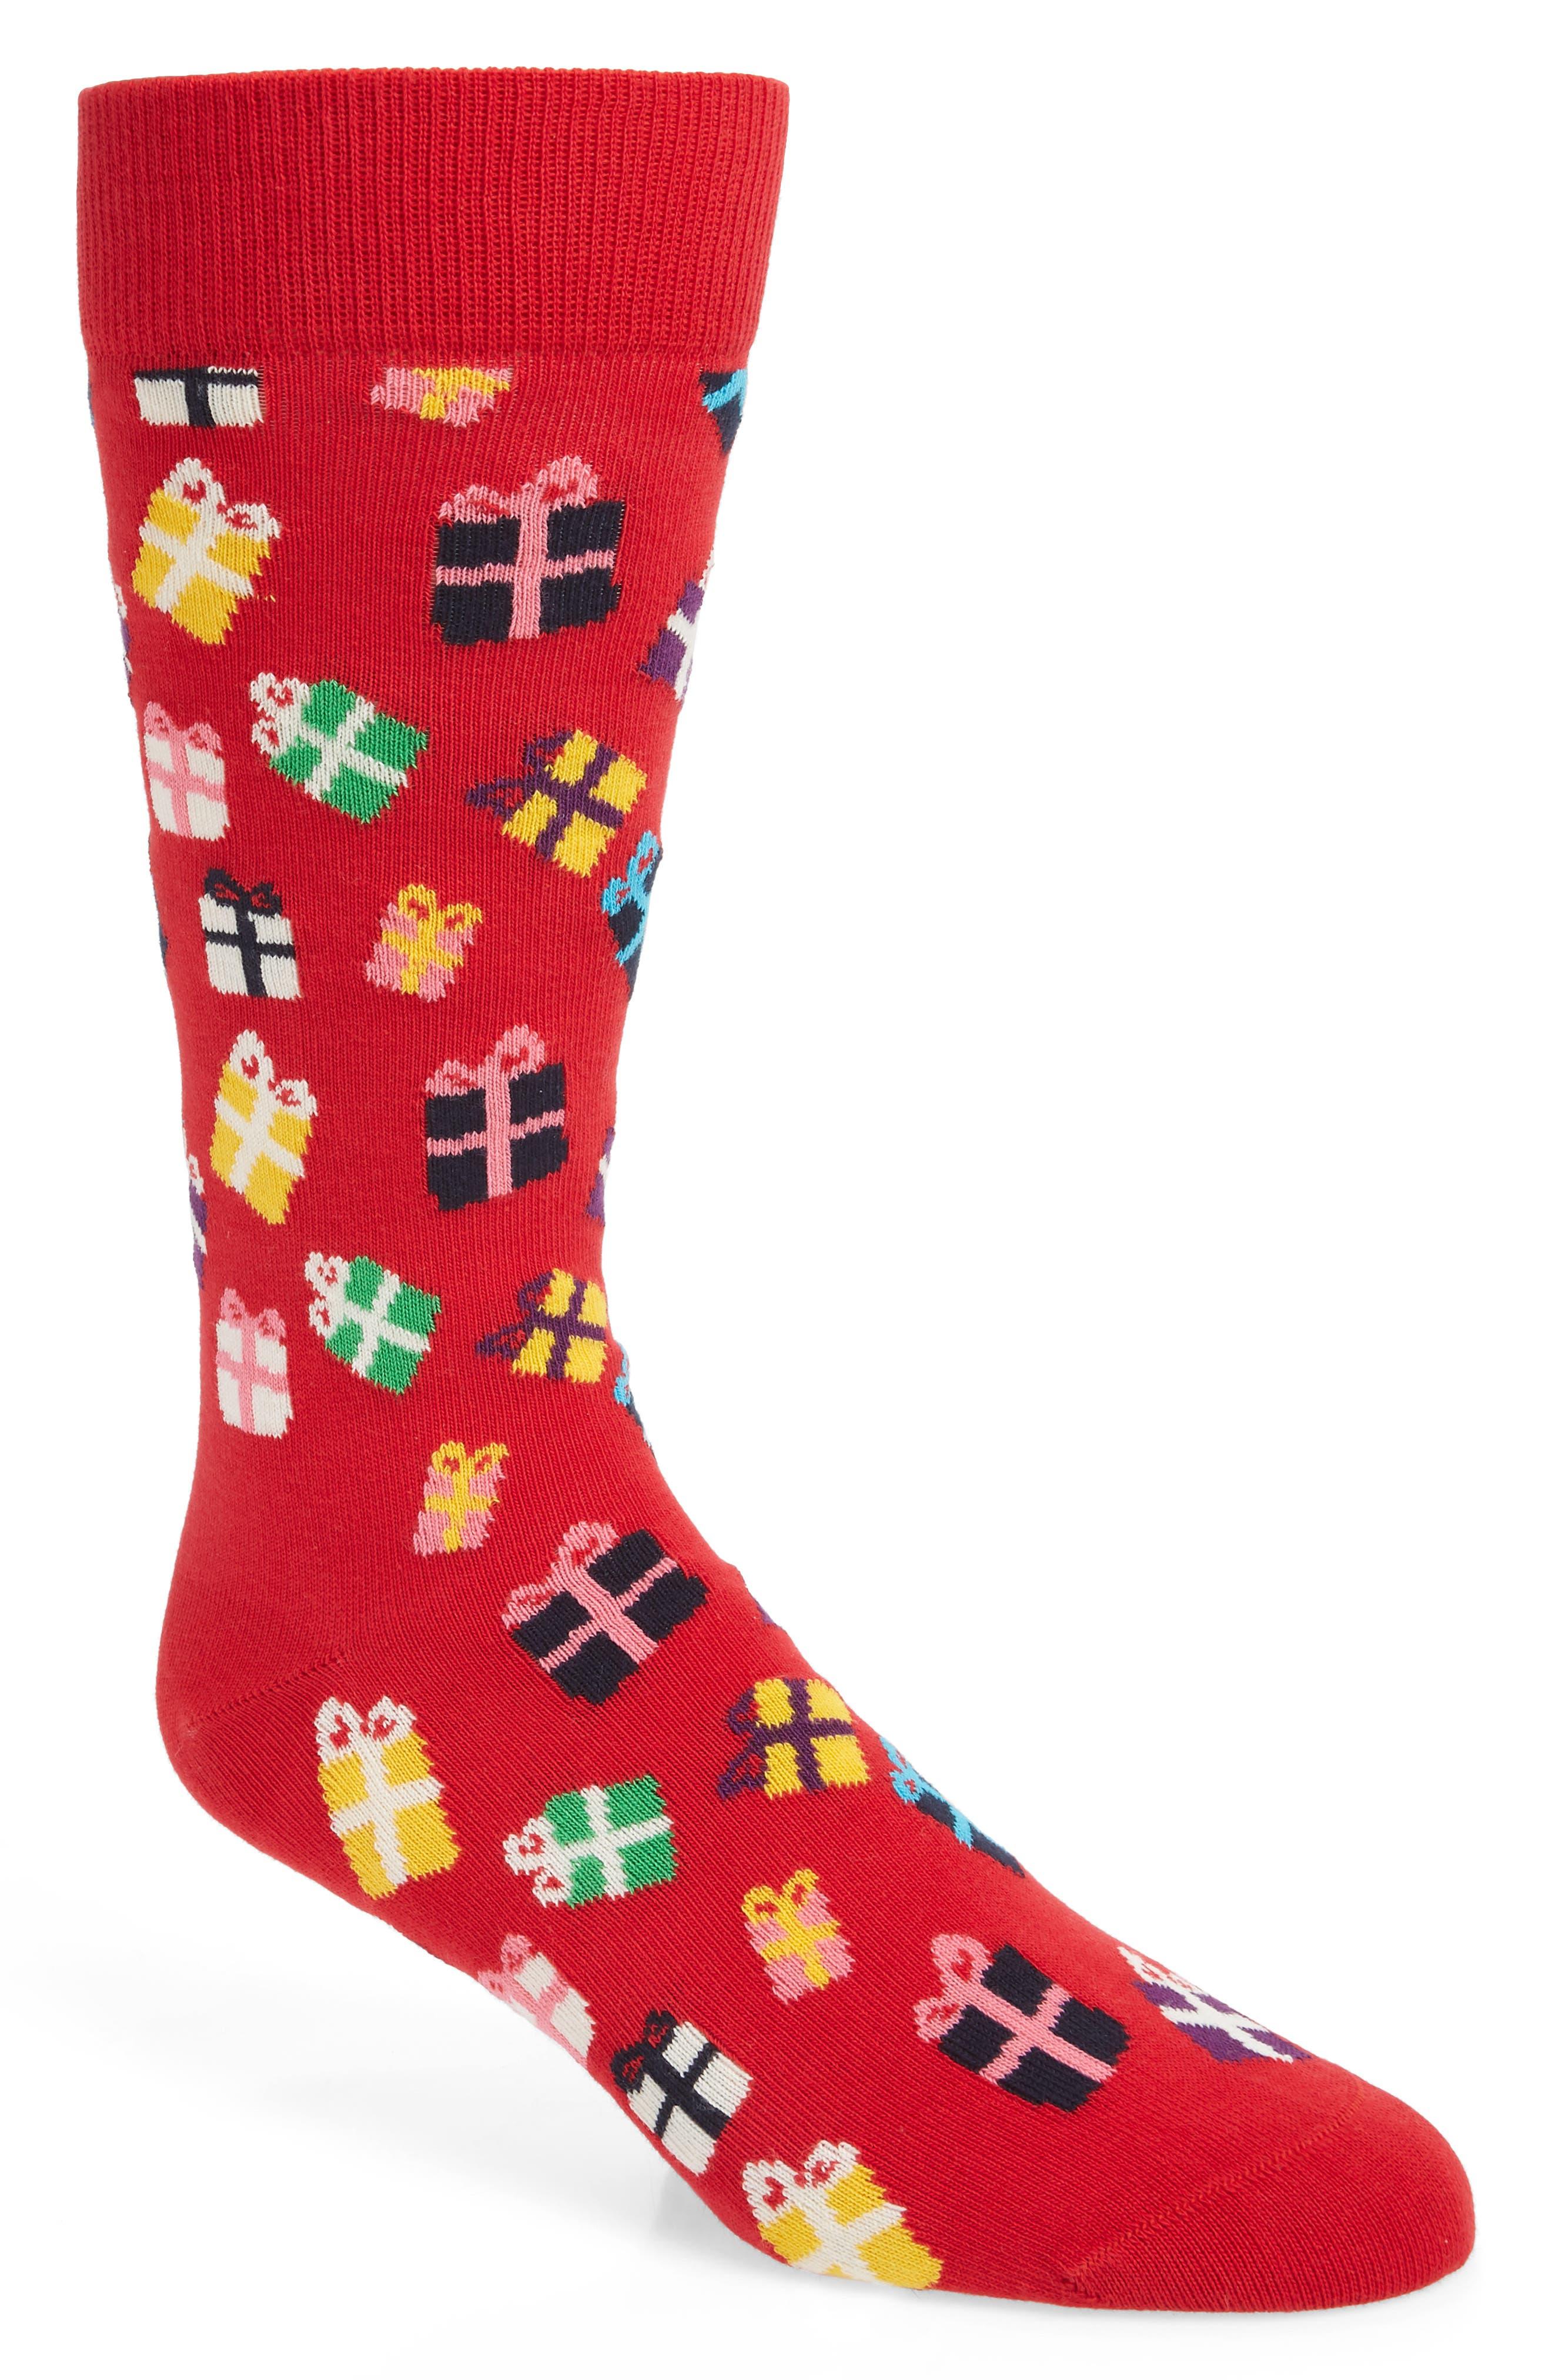 HAPPY SOCKS Gift Pattern Socks in Red